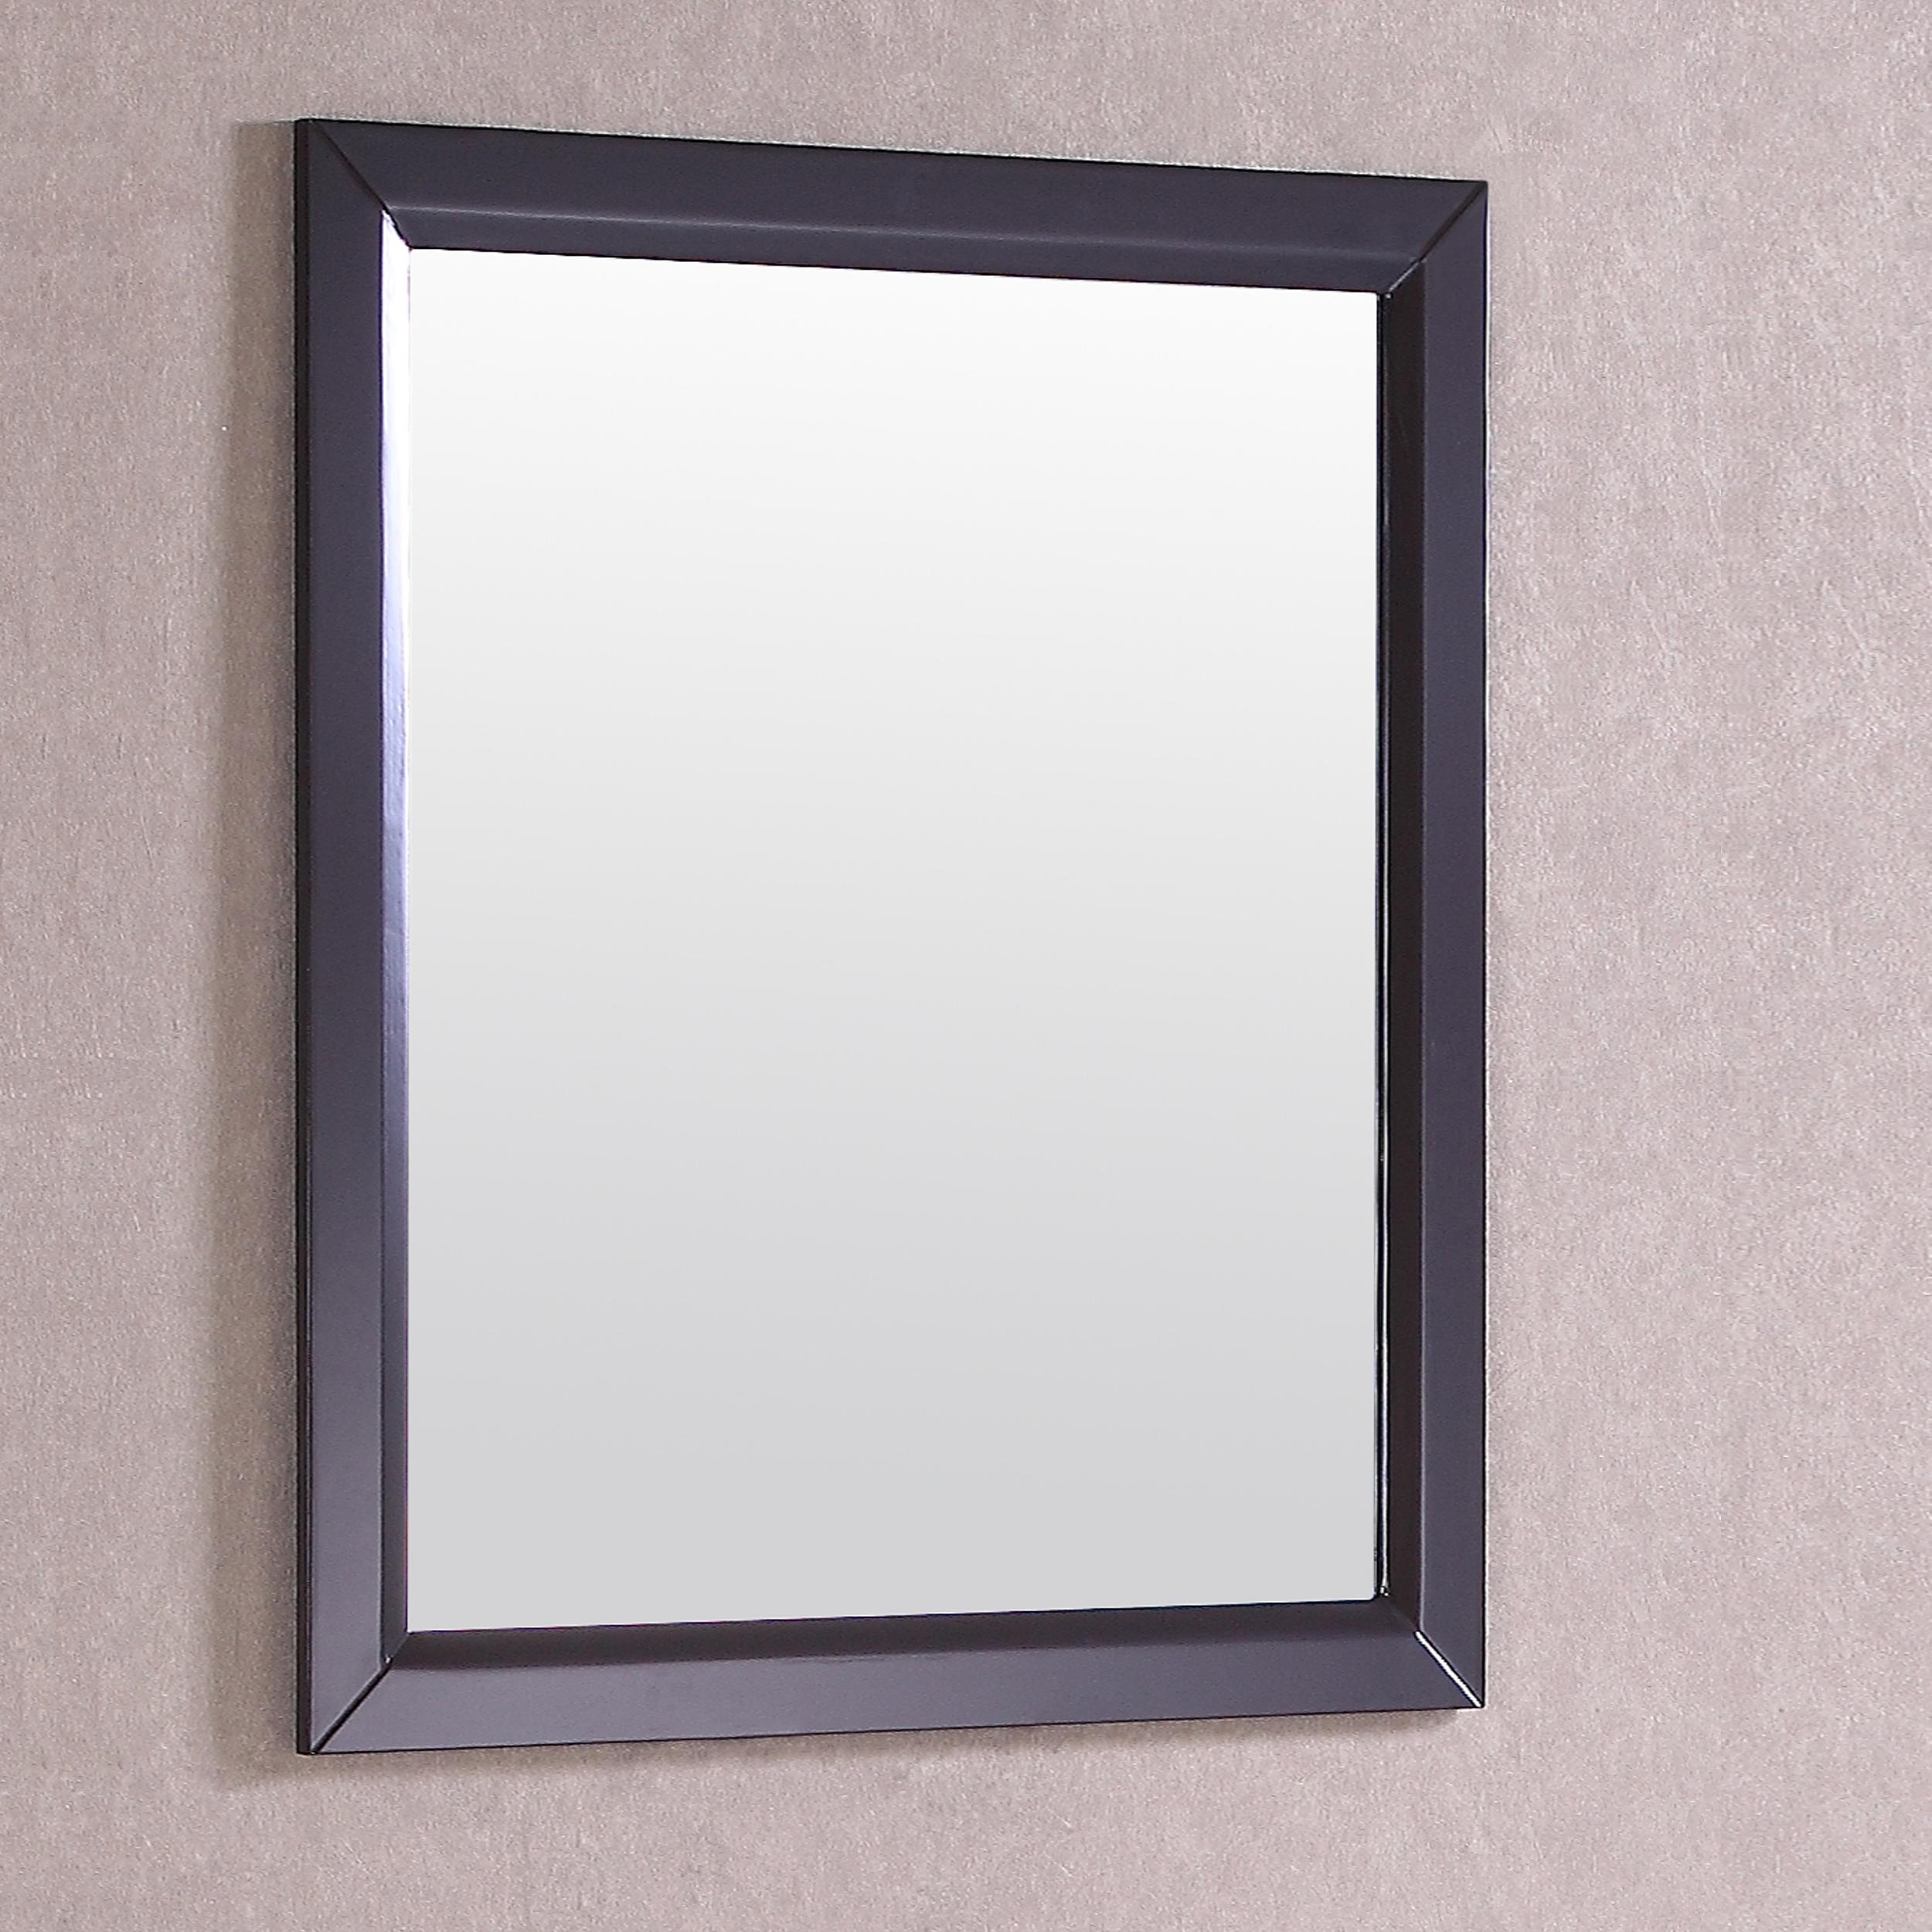 Eviva Shaker 30 Espresso Framed Bathroom Wall Mirror